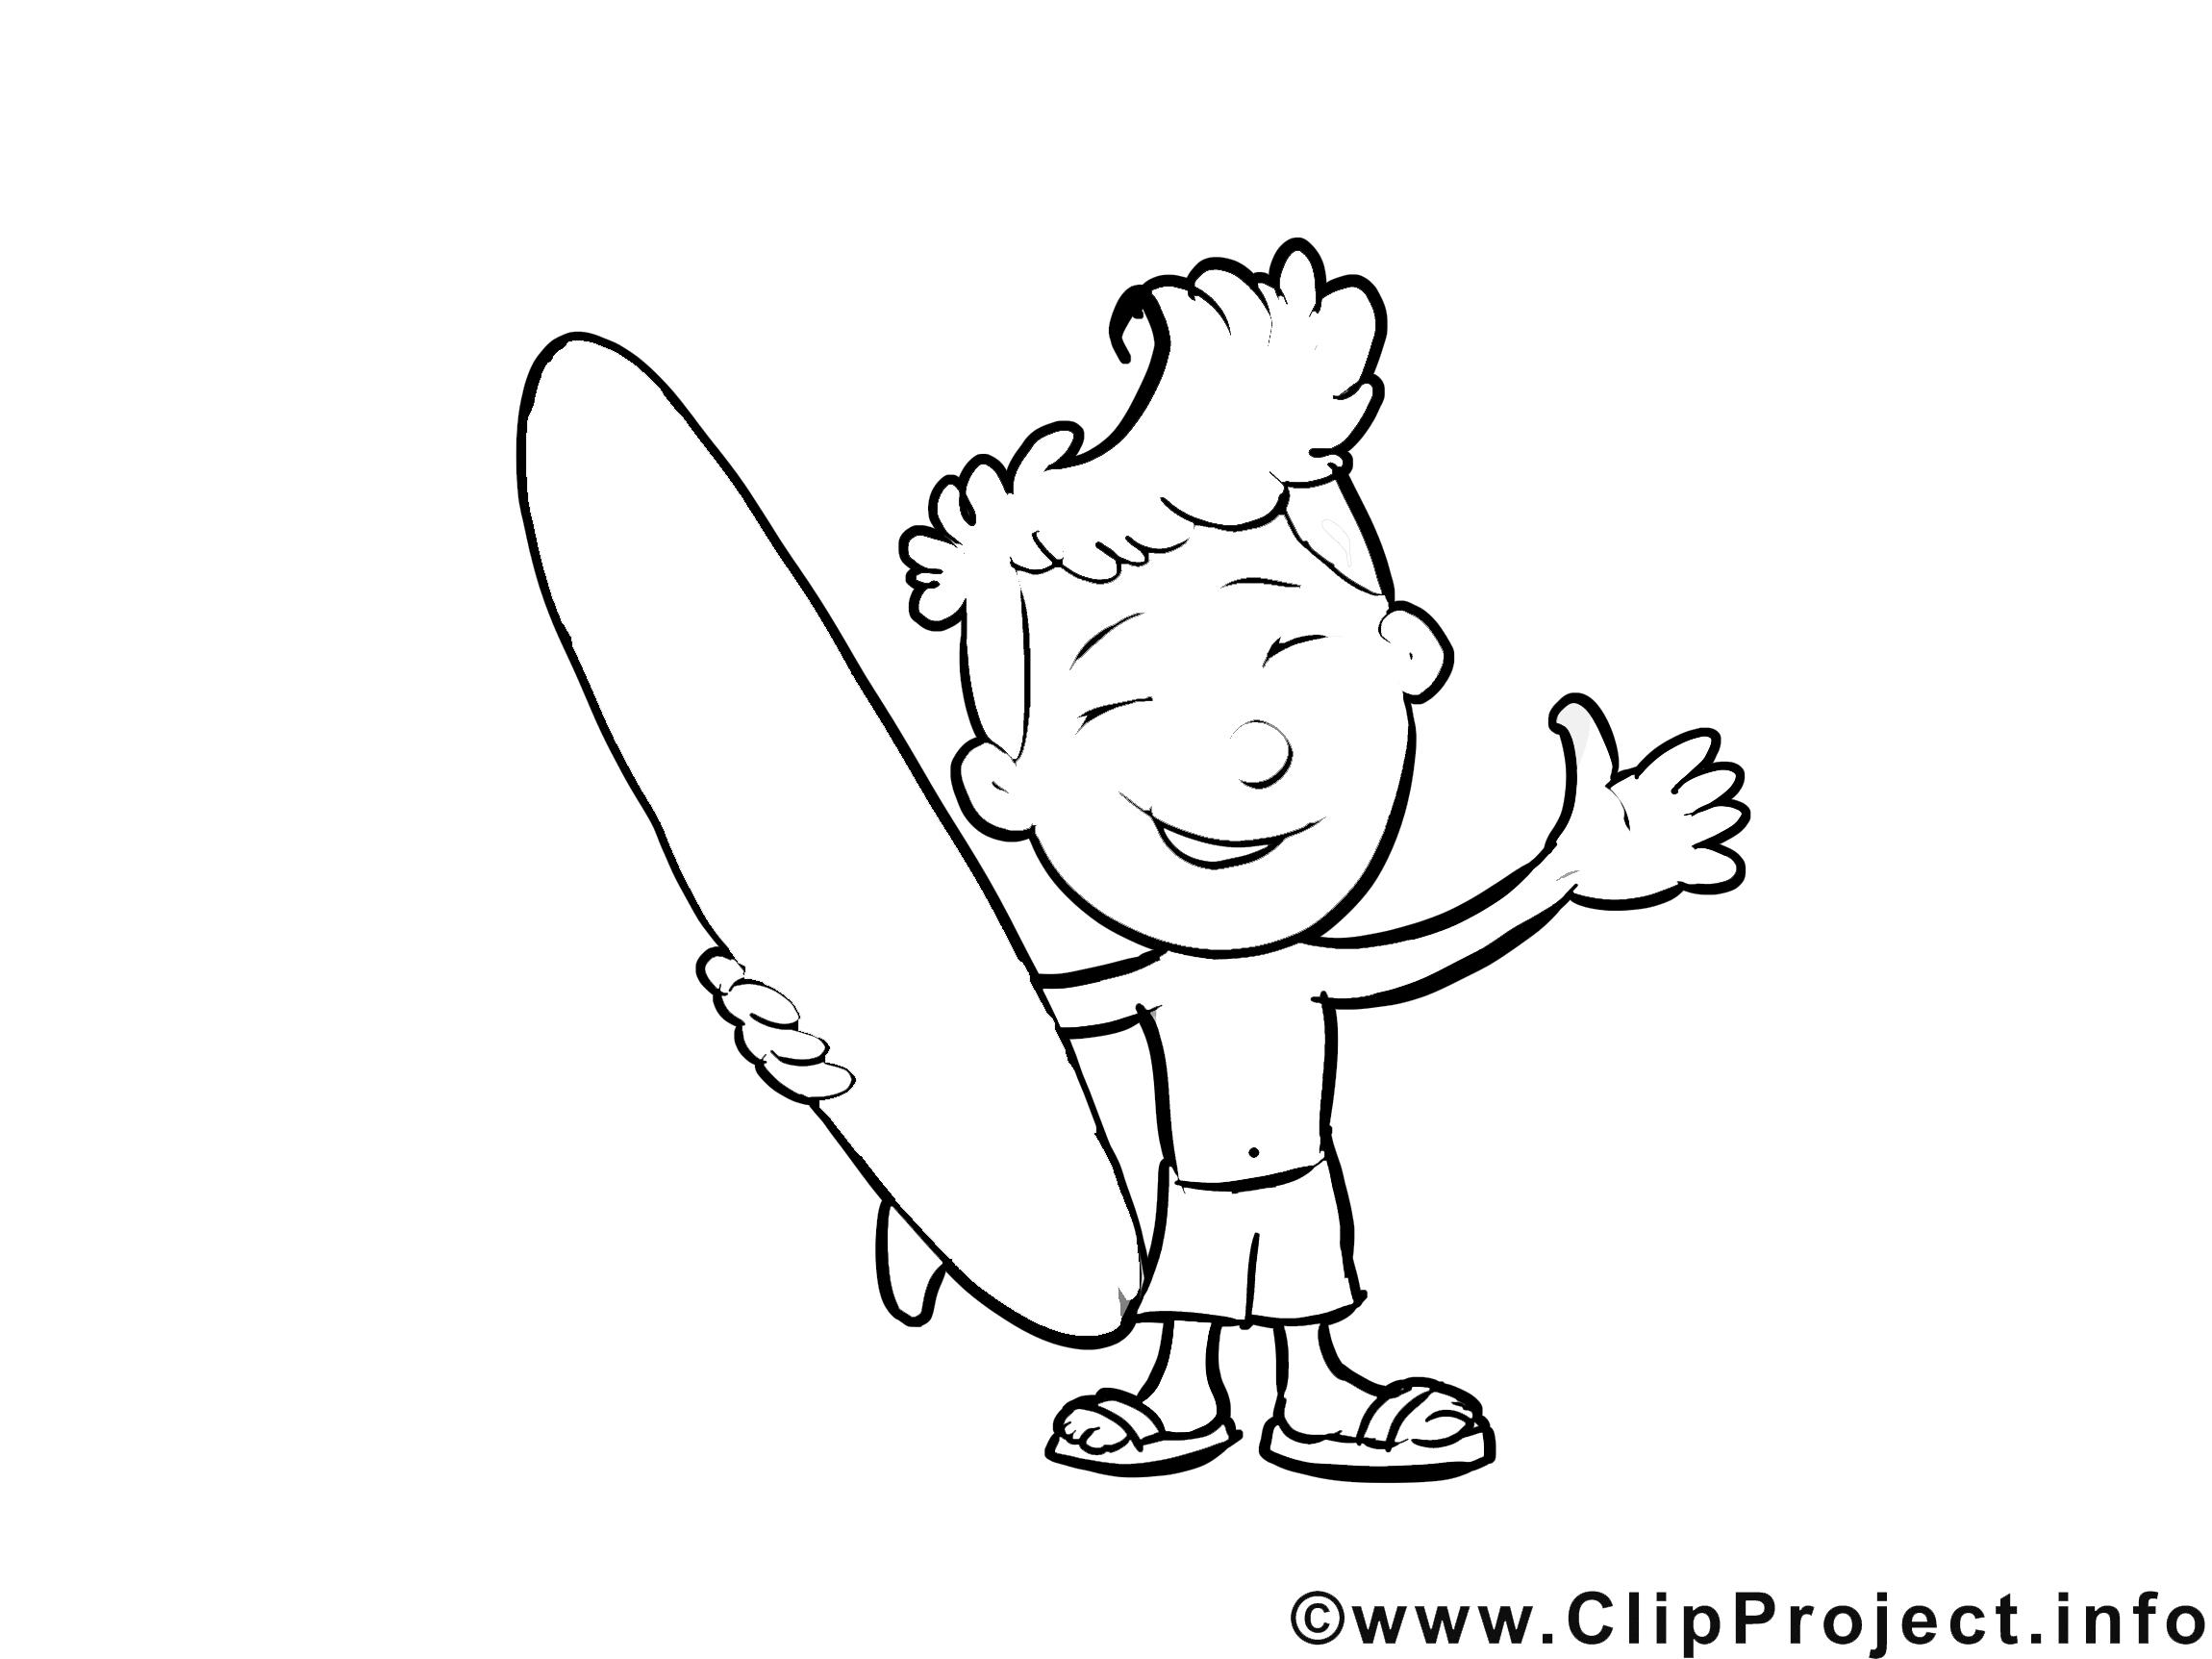 Surfeur images – Métiers gratuits à imprimer